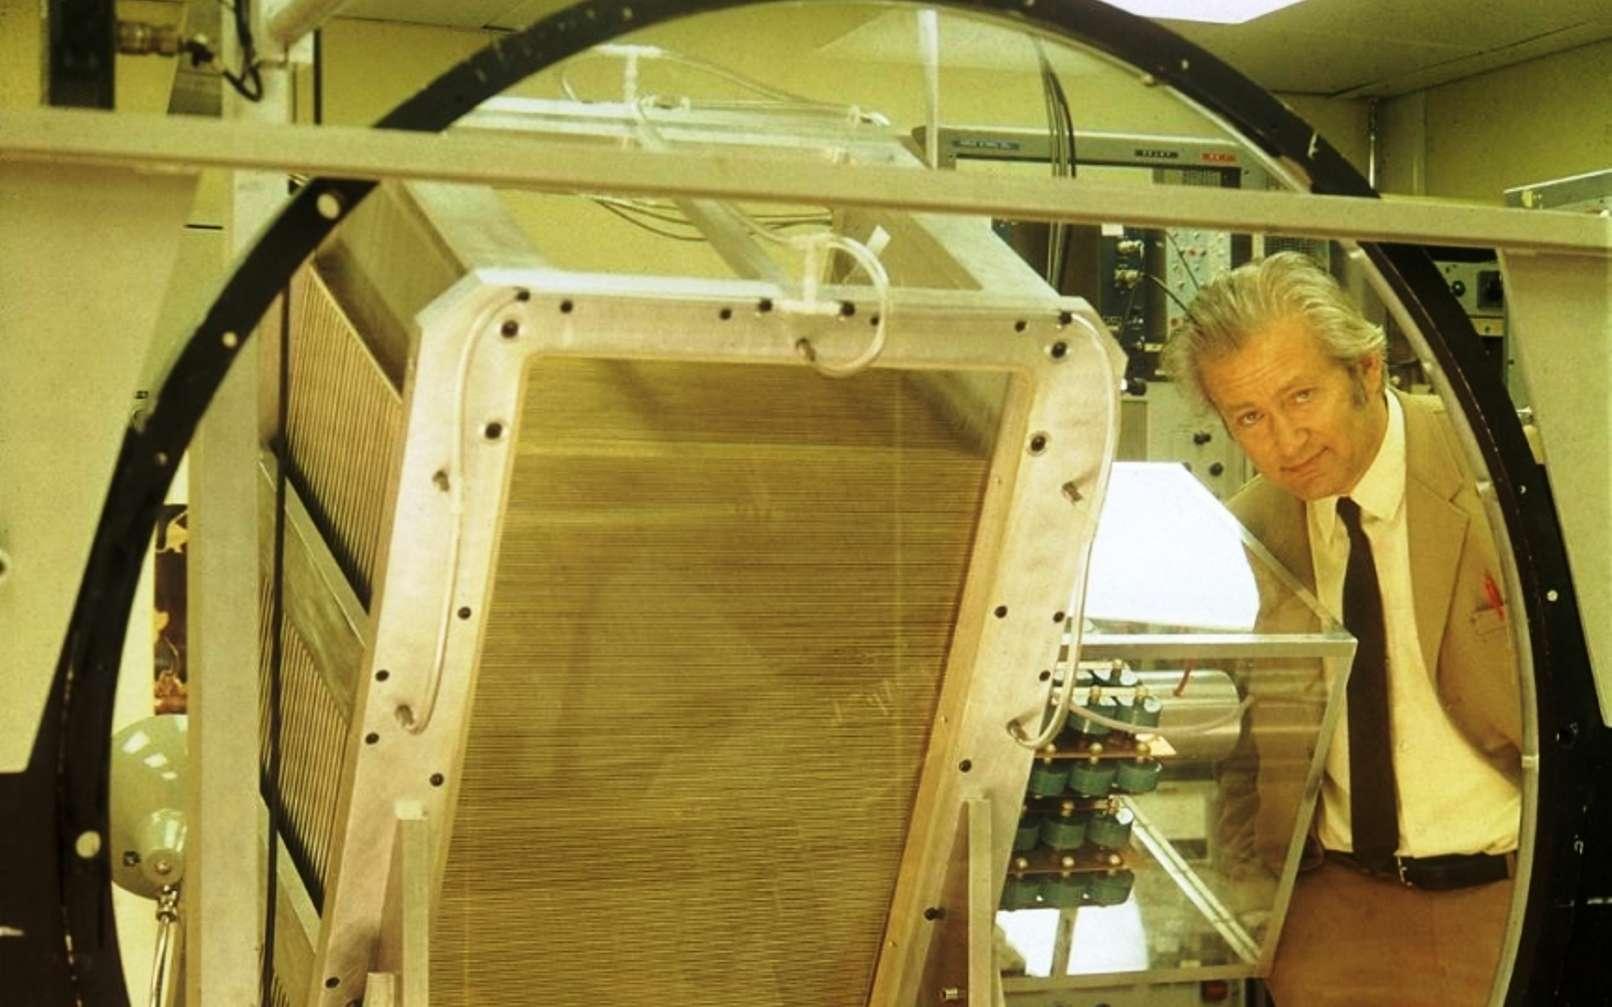 Georges Charpak, à côté d'une lentille et d'une chambre proportionnelle multifils, photographié en 1973, cinq ans à peine après la publication de l'article décrivant le nouveau dispositif. © CERN